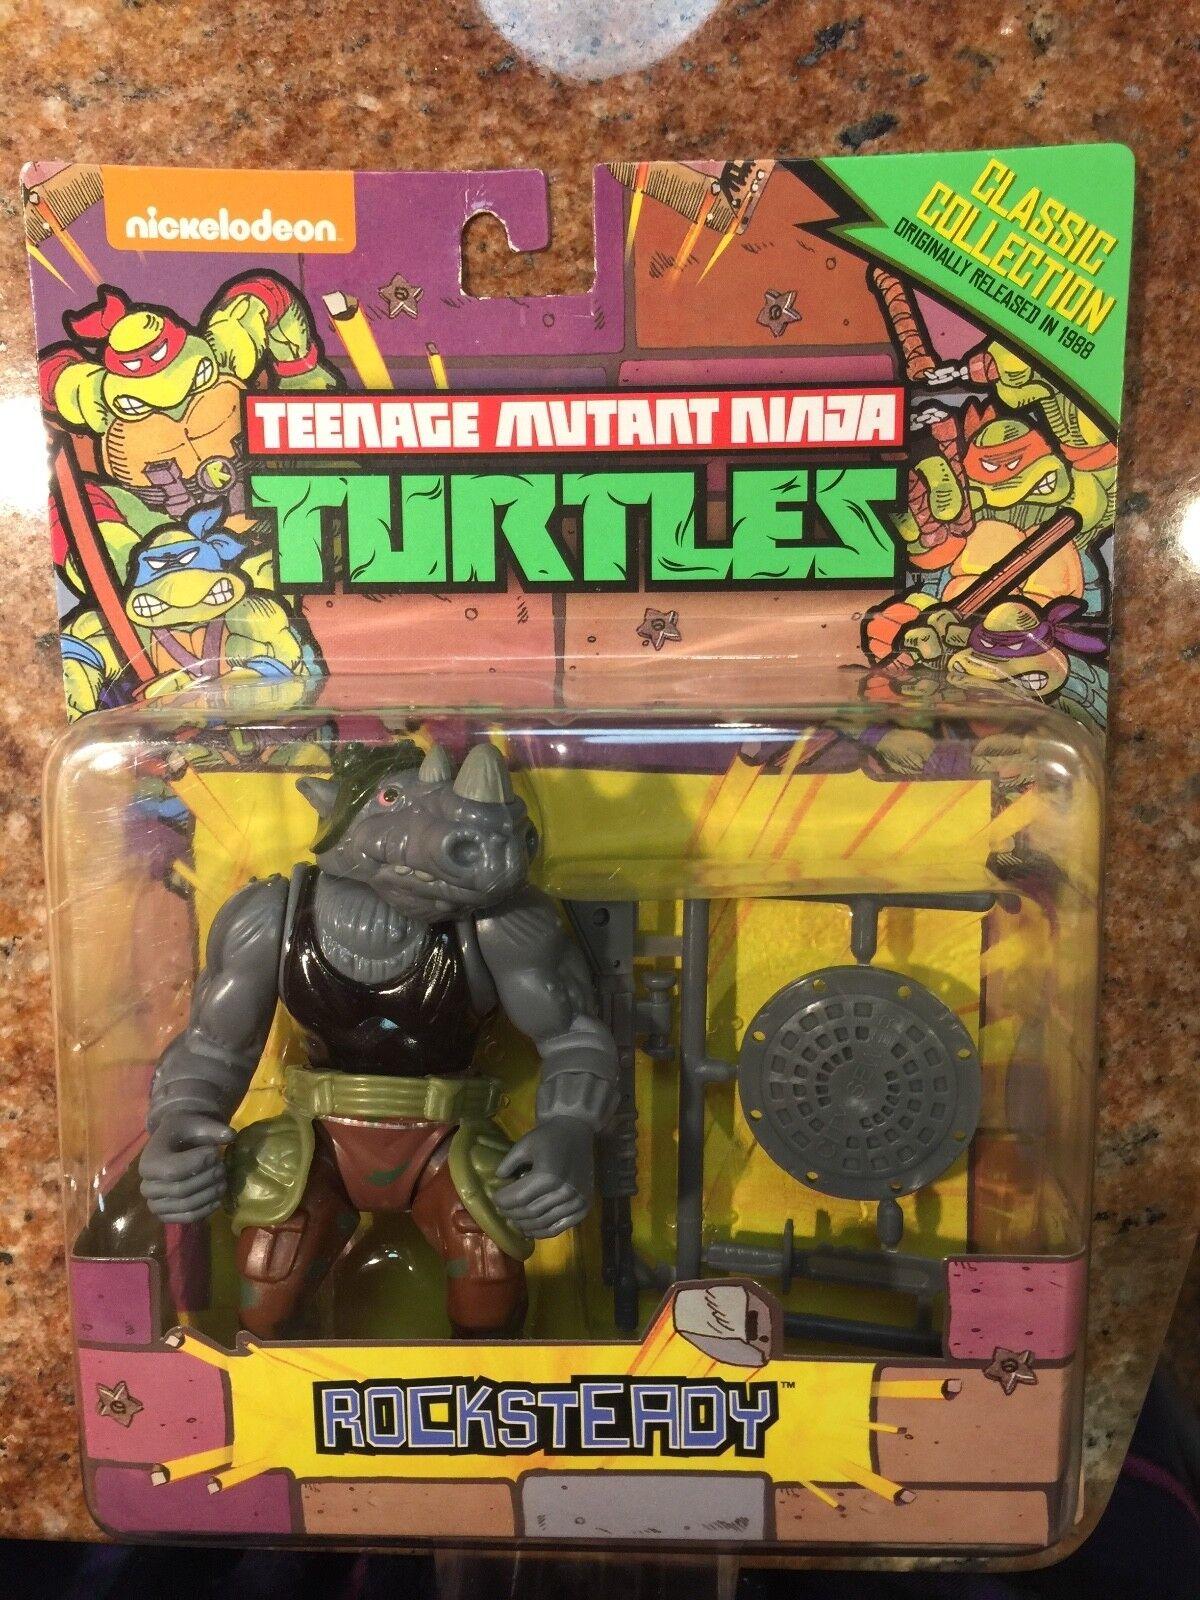 Teenage mutant ninja turtles classeic collezione Rocksteady TMNT Playmates